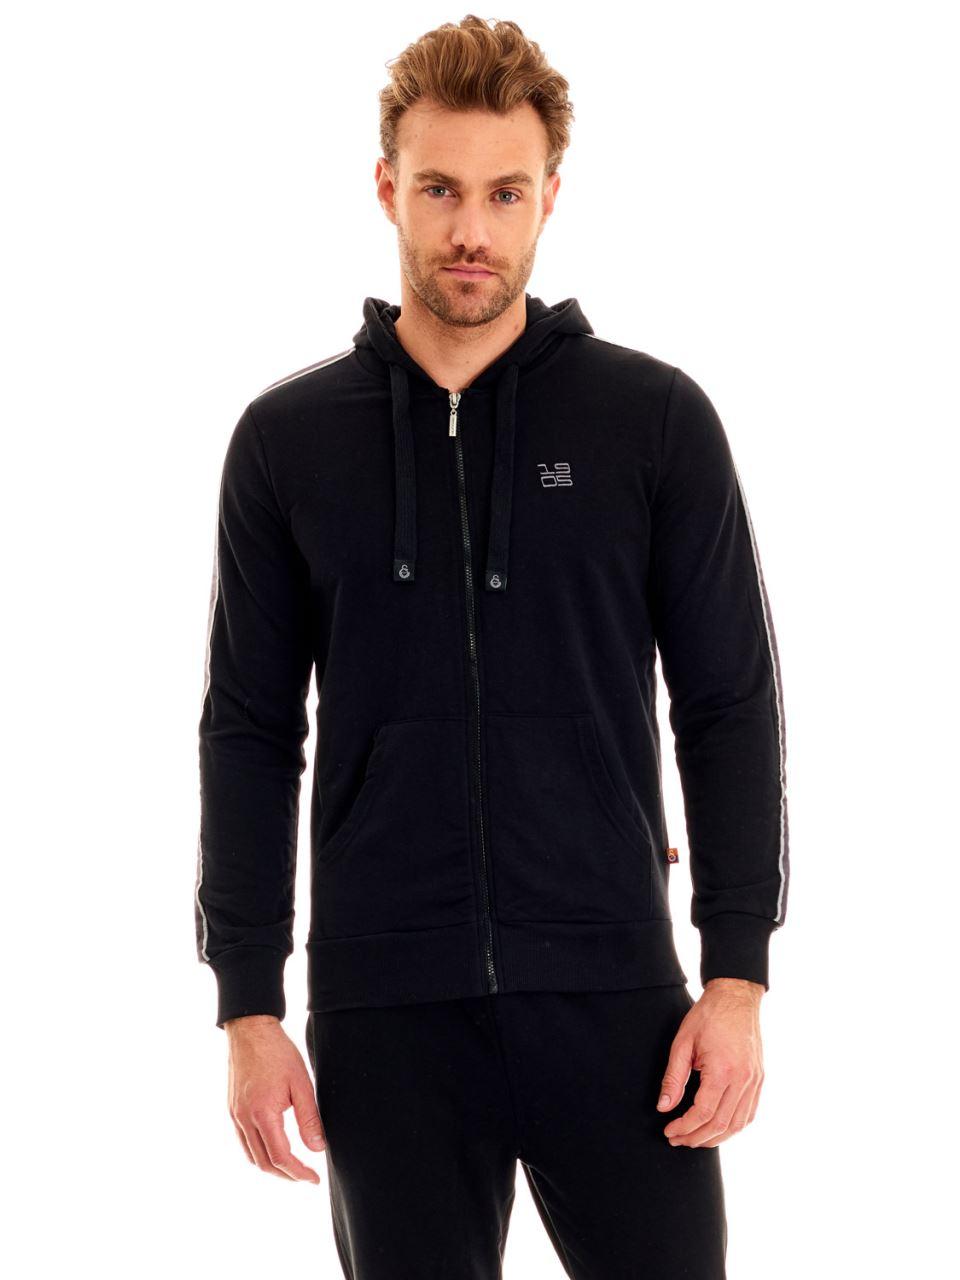 E95273 Sweatshirt